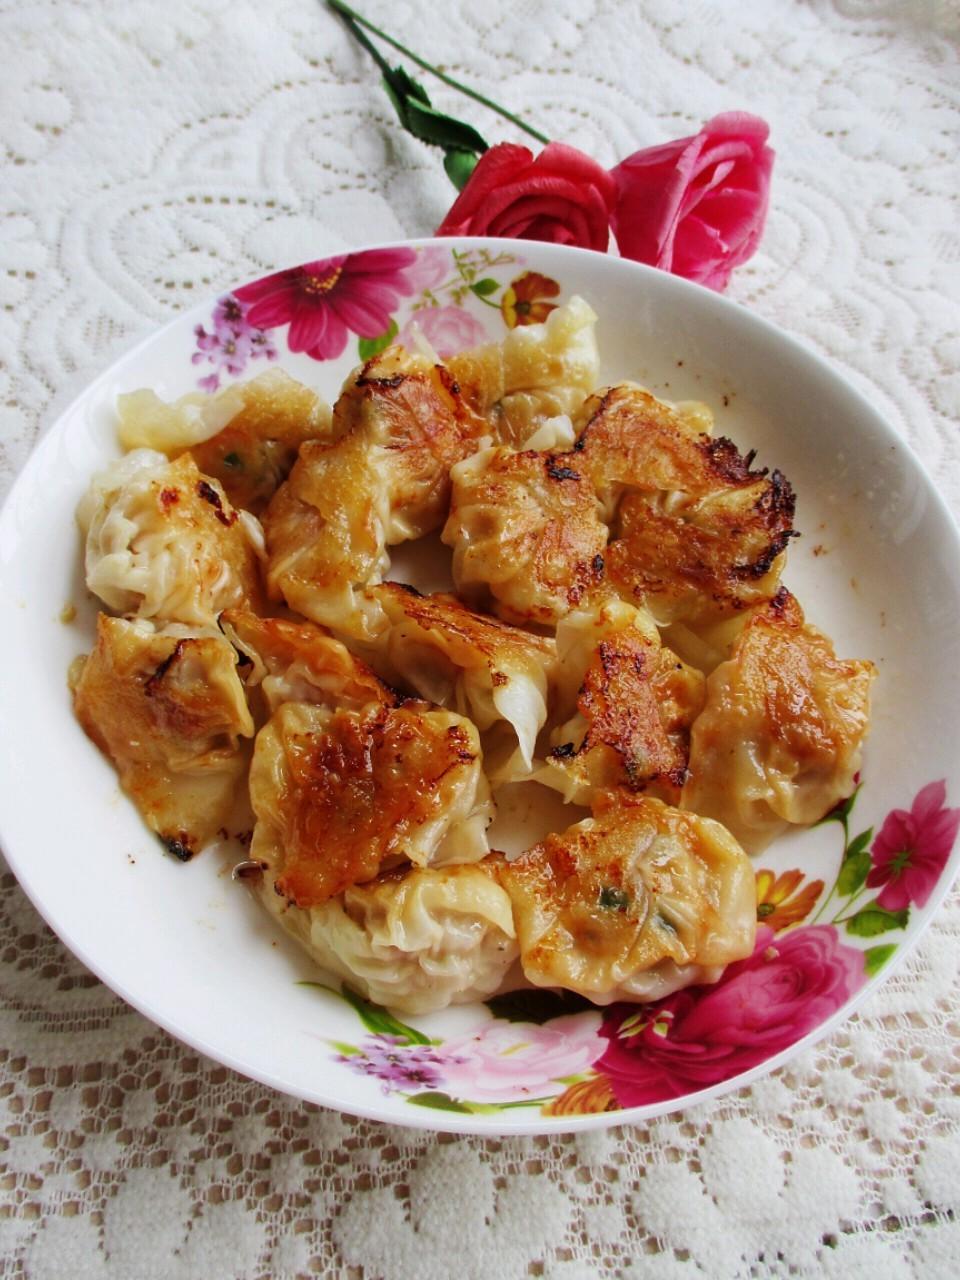 香煎鲜虾猪肉馄饨